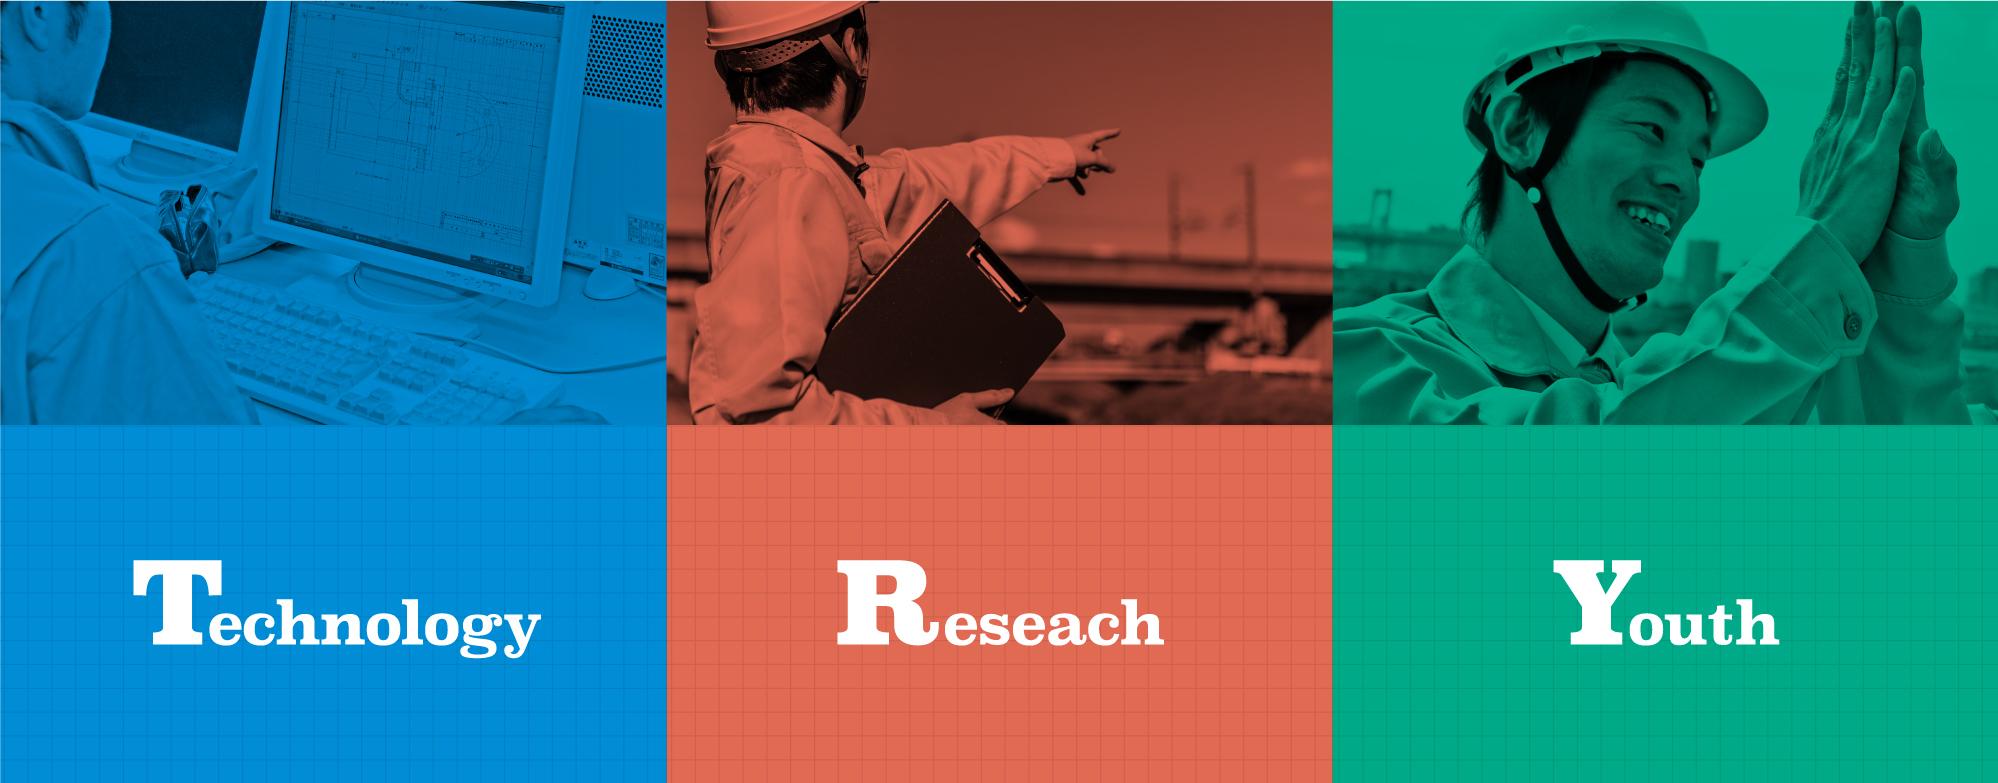 建設コンサルタント・測量設計・地質調査・地すべり対策工事・法面保護工事・さく井工事 - 四国トライ